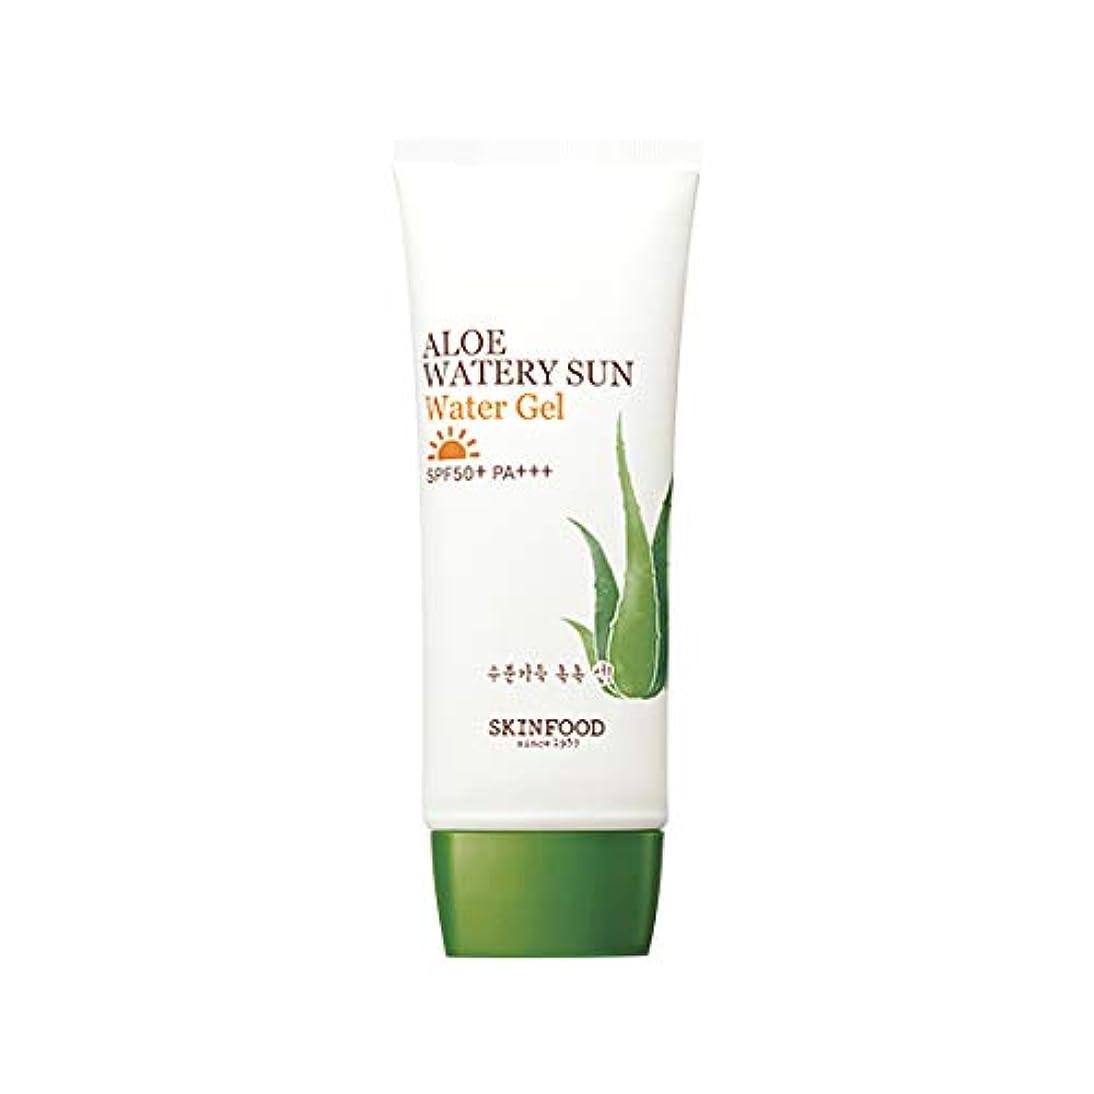 クリスチャンガチョウ誘導Skinfood アロエウォーターサンジェルSPF50 + PA +++ / Aloe Watery Sun Water Gel SPF50+ PA+++ 50ml [並行輸入品]